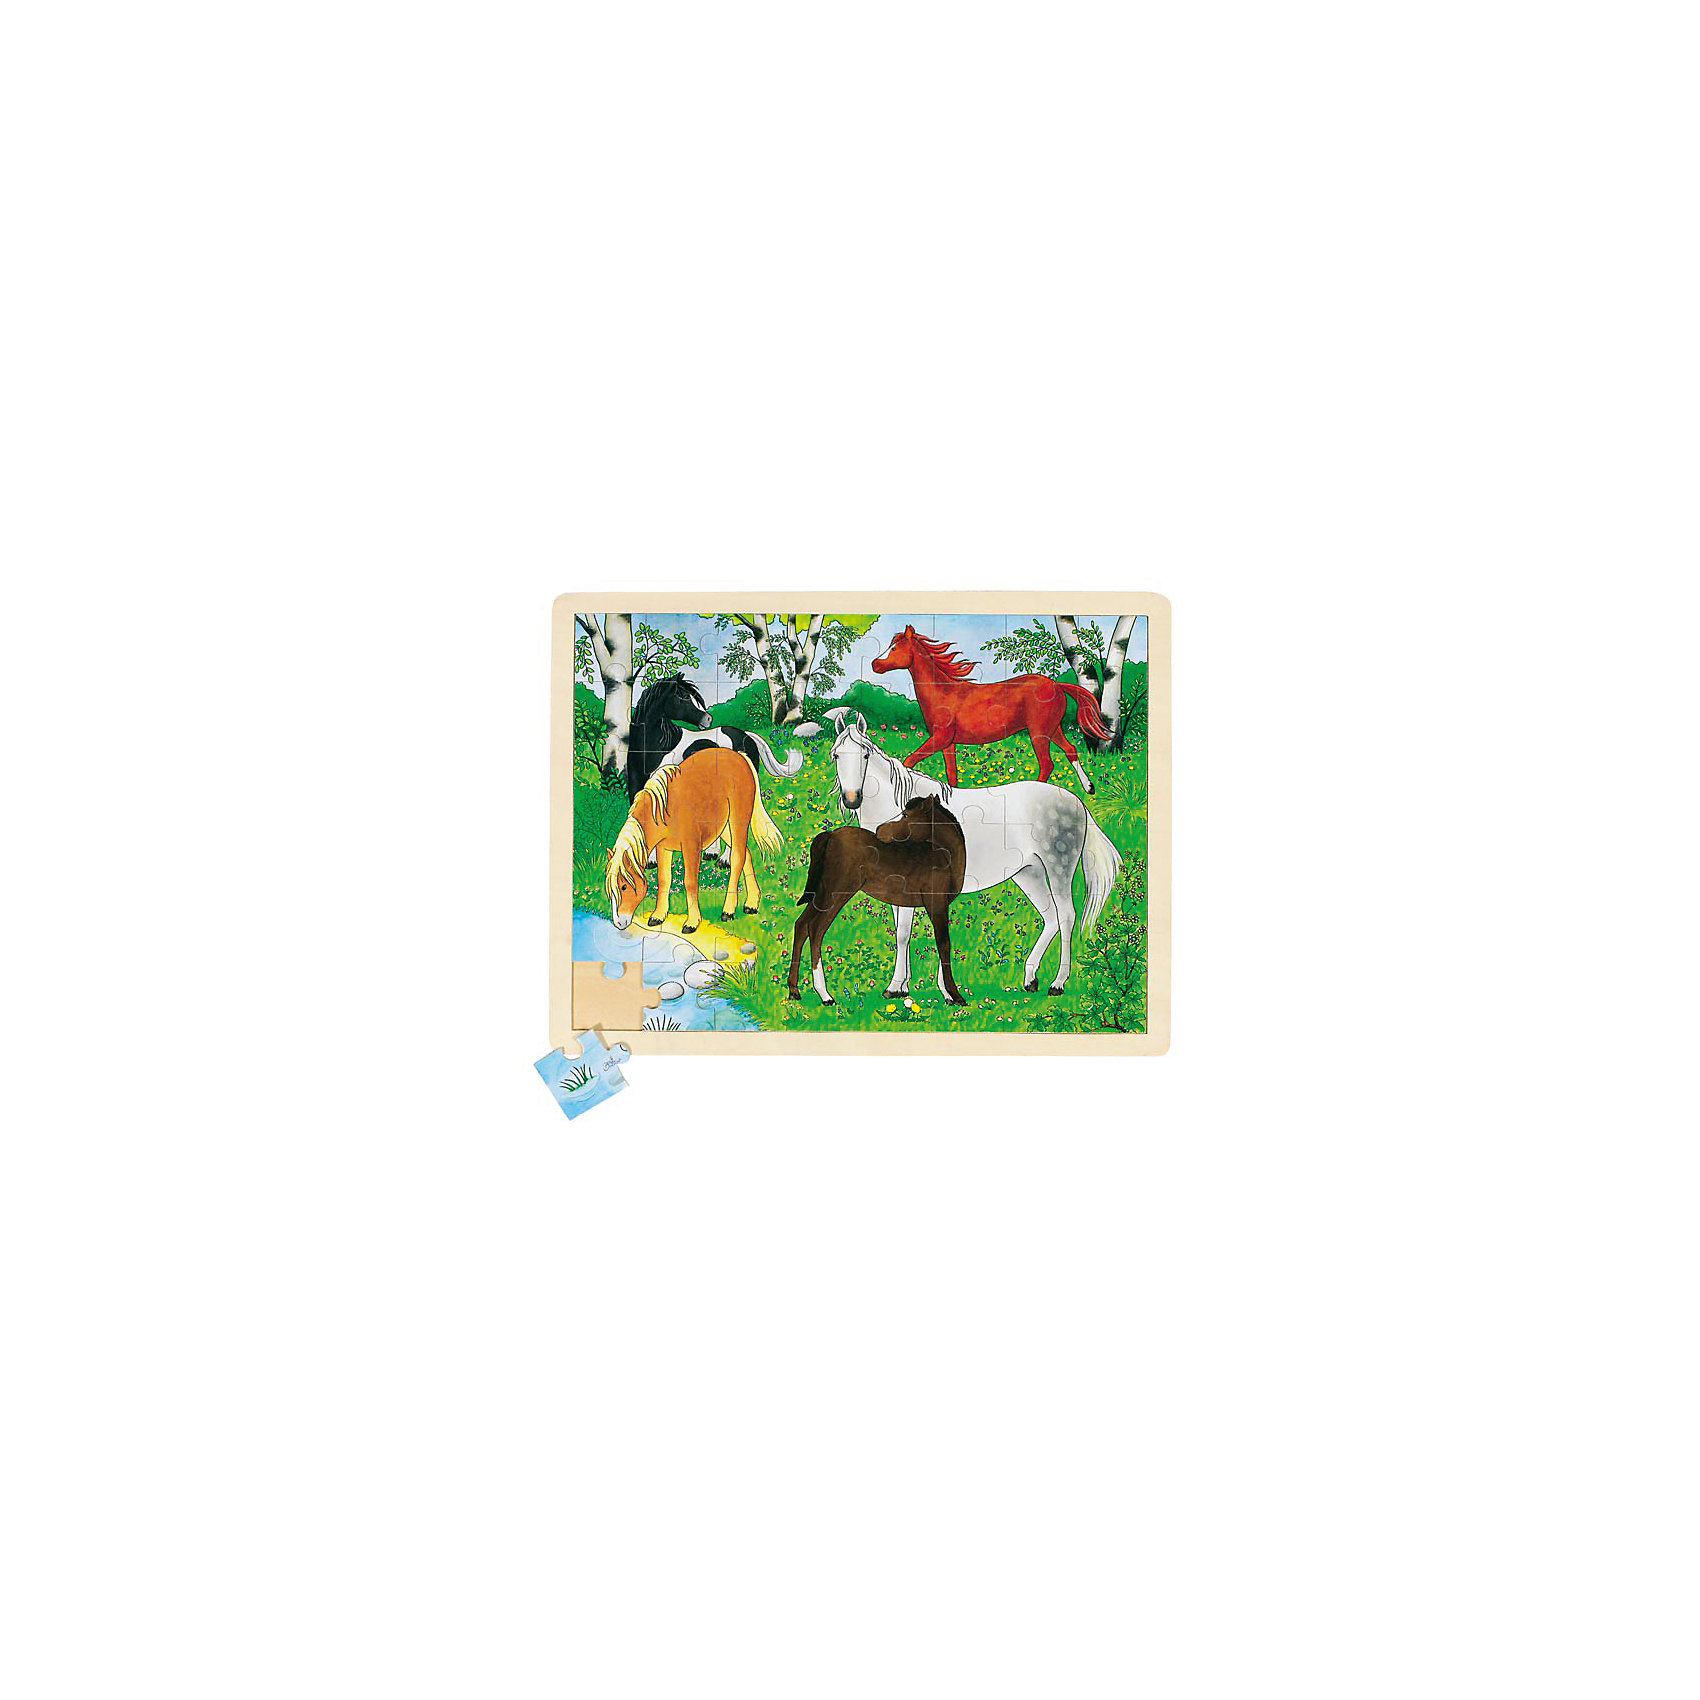 Пазл Ферма пони, 70 дет., gokiДеревянные пазлы<br>ПазлФерма пони, 70 дет., goki (гоки) – это интересный красивый деревянный пазл.<br>Яркий пазл с изображениями лошадей разной масти, пасущихся на лесной поляне состоит из 70 частей. Пазл изготовлен из экологически чистых, абсолютно безвредных для здоровья материалов. Собранный пазл, благодаря деревянной рамке будет великолепно смотреться в детской комнате. Составление пазлов развивает пространственное воображение, образное и логическое мышление, память, внимание, координацию движений и мелкую моторику рук. Собирая пазлы, ребенок познает связь между частью и целым.<br><br>Дополнительная информация:<br><br>- Количество частей пазла: 70<br>- Материал: древесина<br>- Размер: 30 х 40 см.<br>- Вес: 200 гр.<br><br>ПазлФерма пони, 70 дет., goki (гоки) можно купить в нашем интернет-магазине.<br><br>Ширина мм: 300<br>Глубина мм: 400<br>Высота мм: 50<br>Вес г: 200<br>Возраст от месяцев: 36<br>Возраст до месяцев: 84<br>Пол: Унисекс<br>Возраст: Детский<br>SKU: 4517879